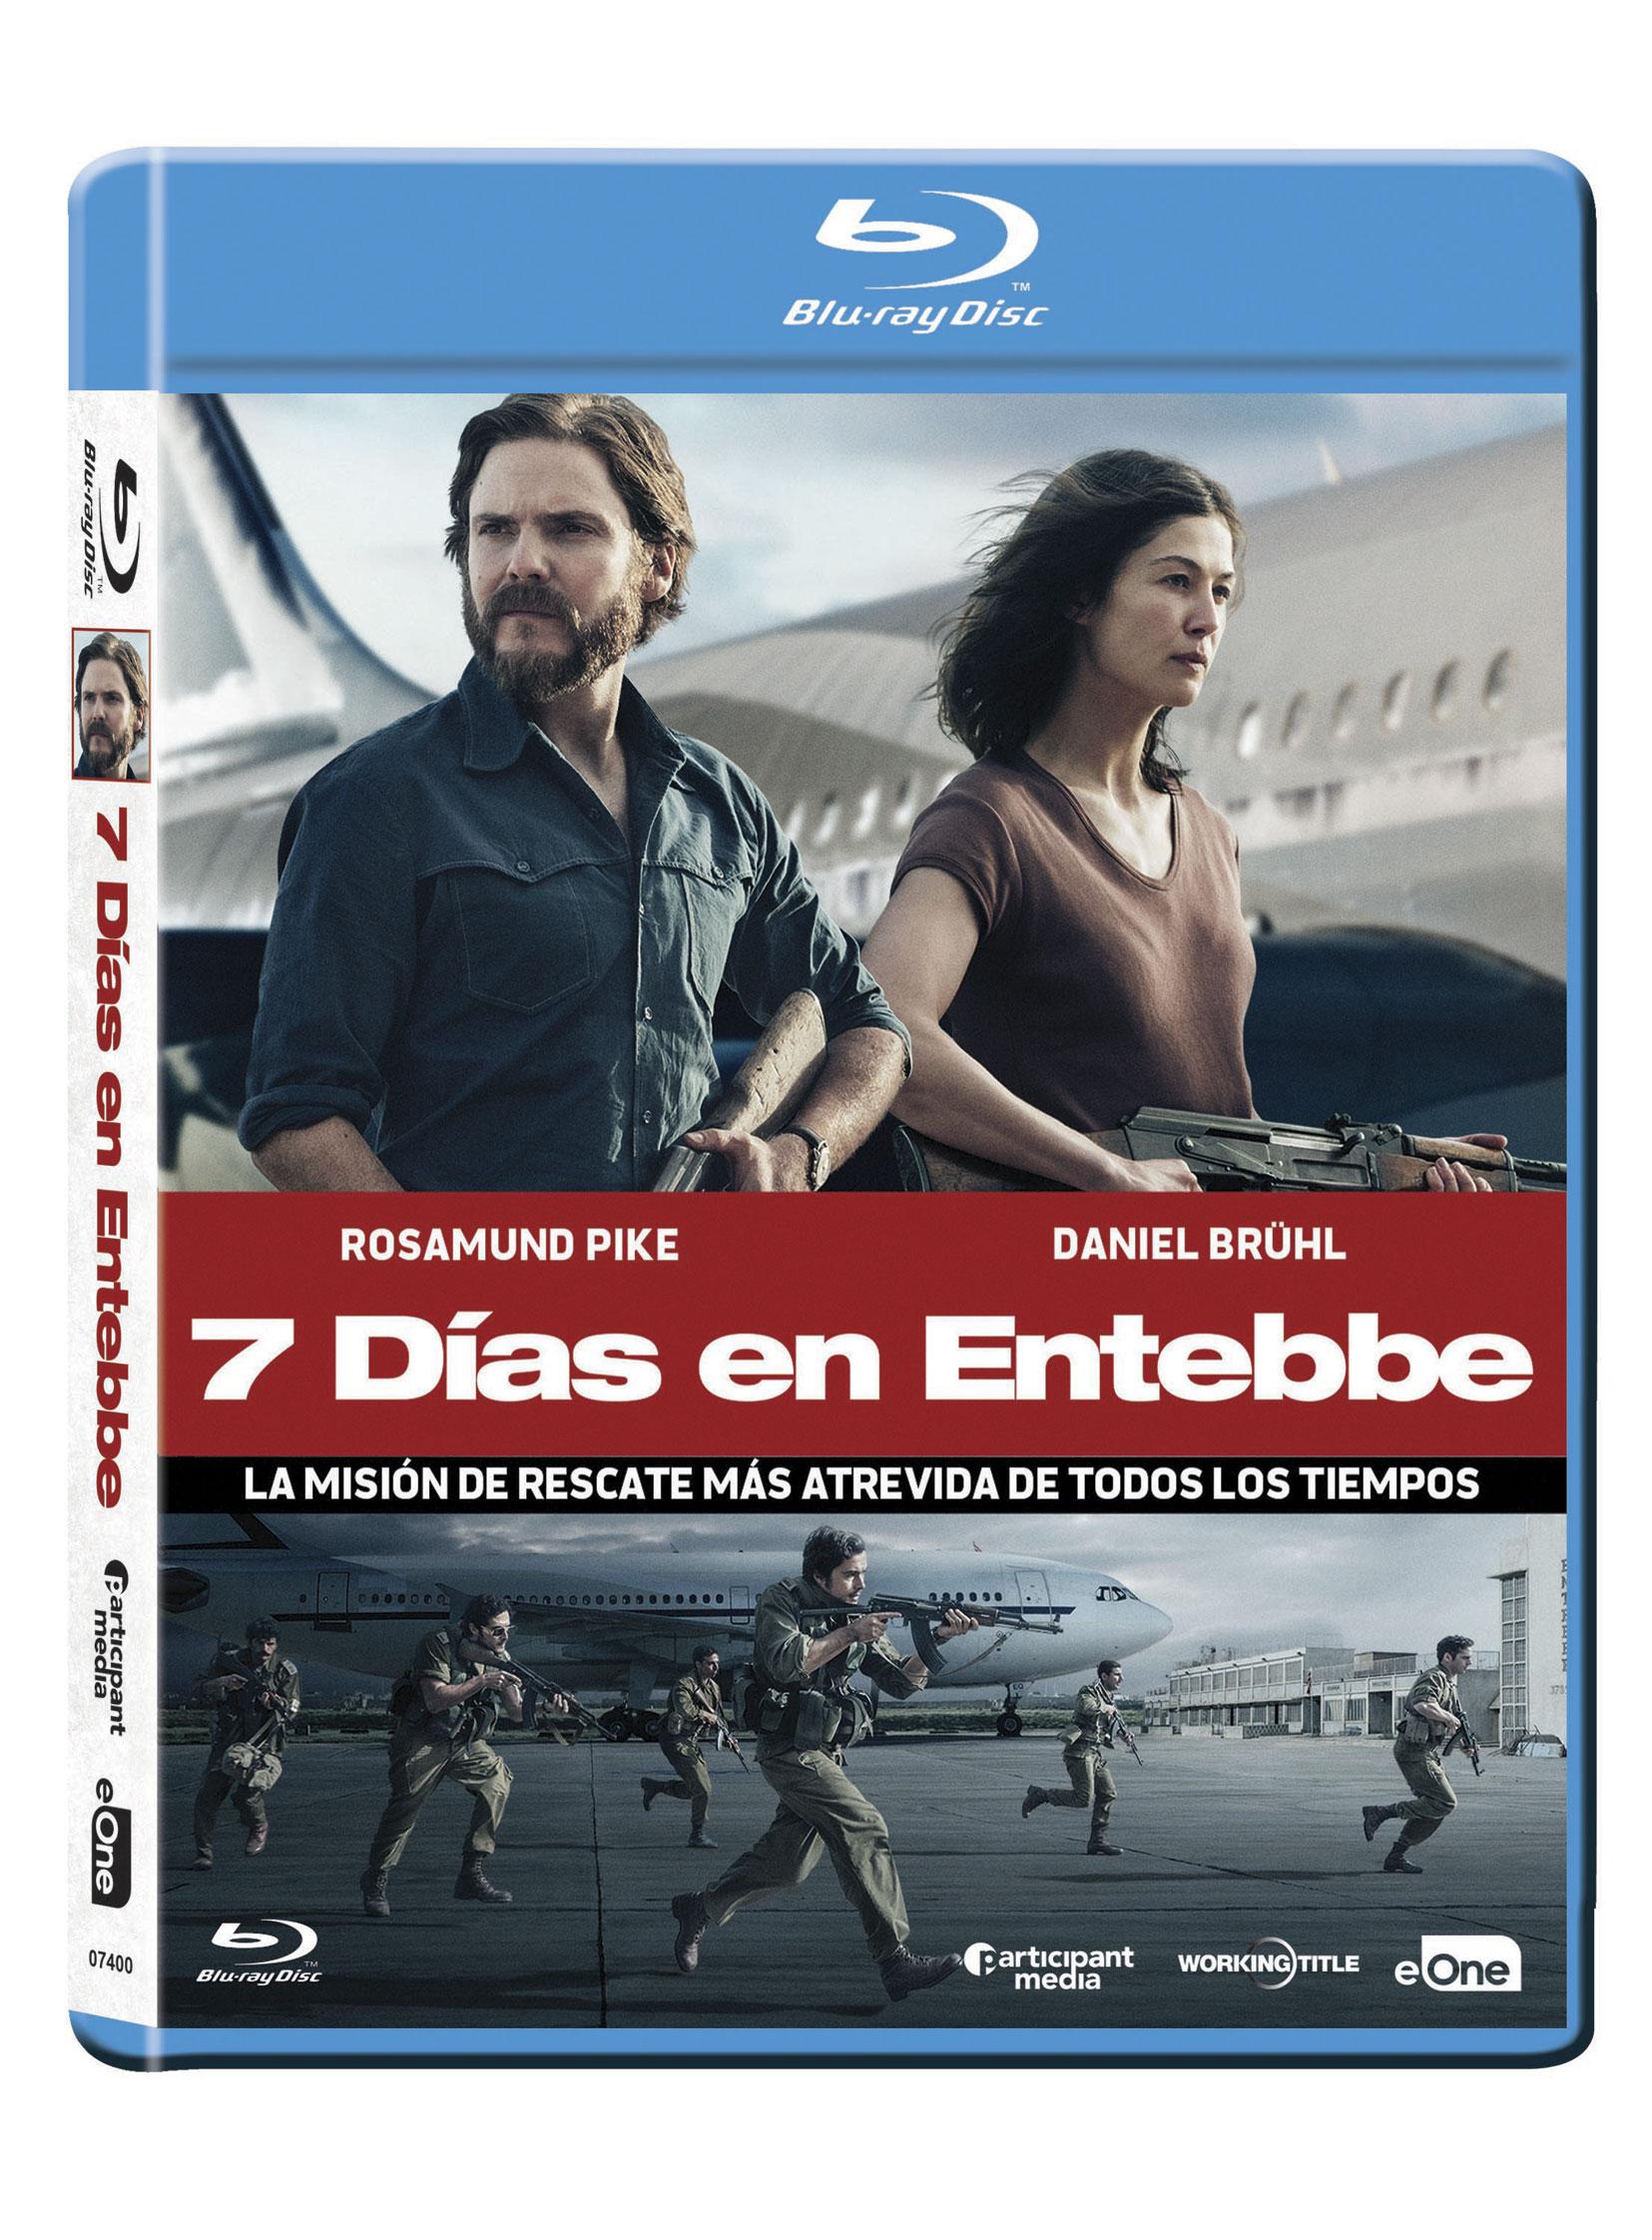 7 dias en Entebbe Blu-ray